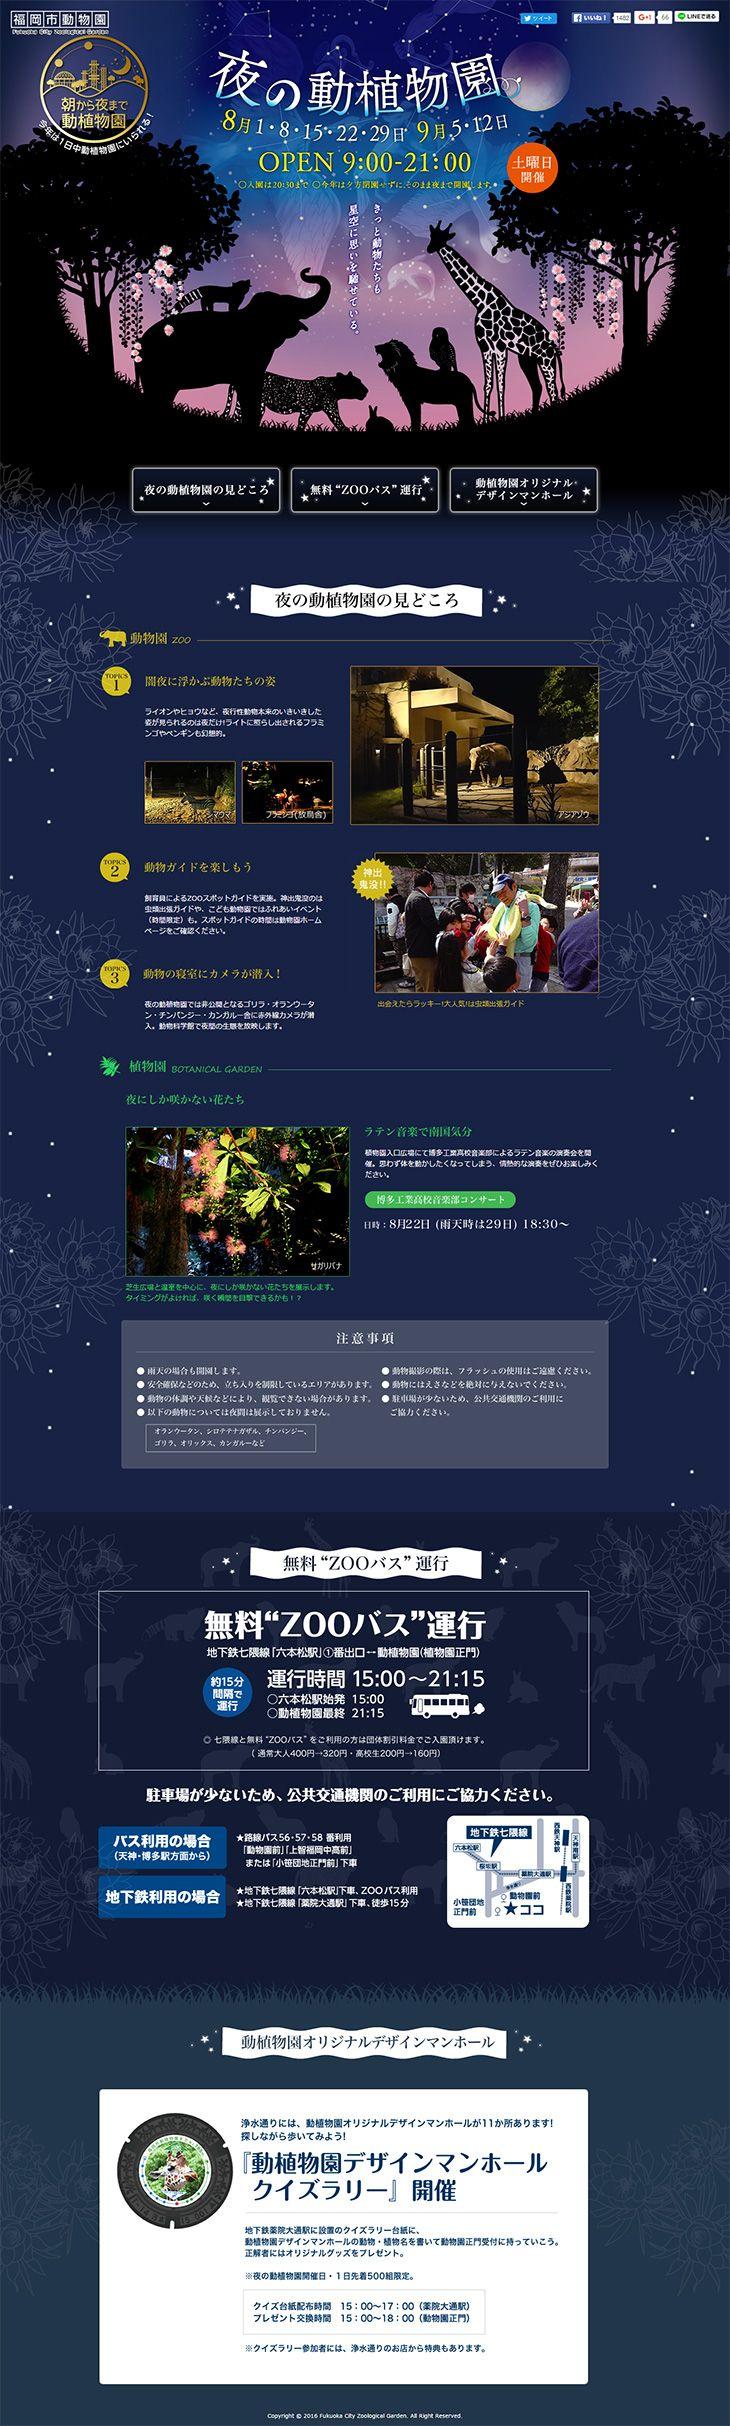 夜の動植物園2015【サービス関連】のLPデザイン。WEBデザイナーさん必見!ランディングページのデザイン参考に(アート・芸術系)